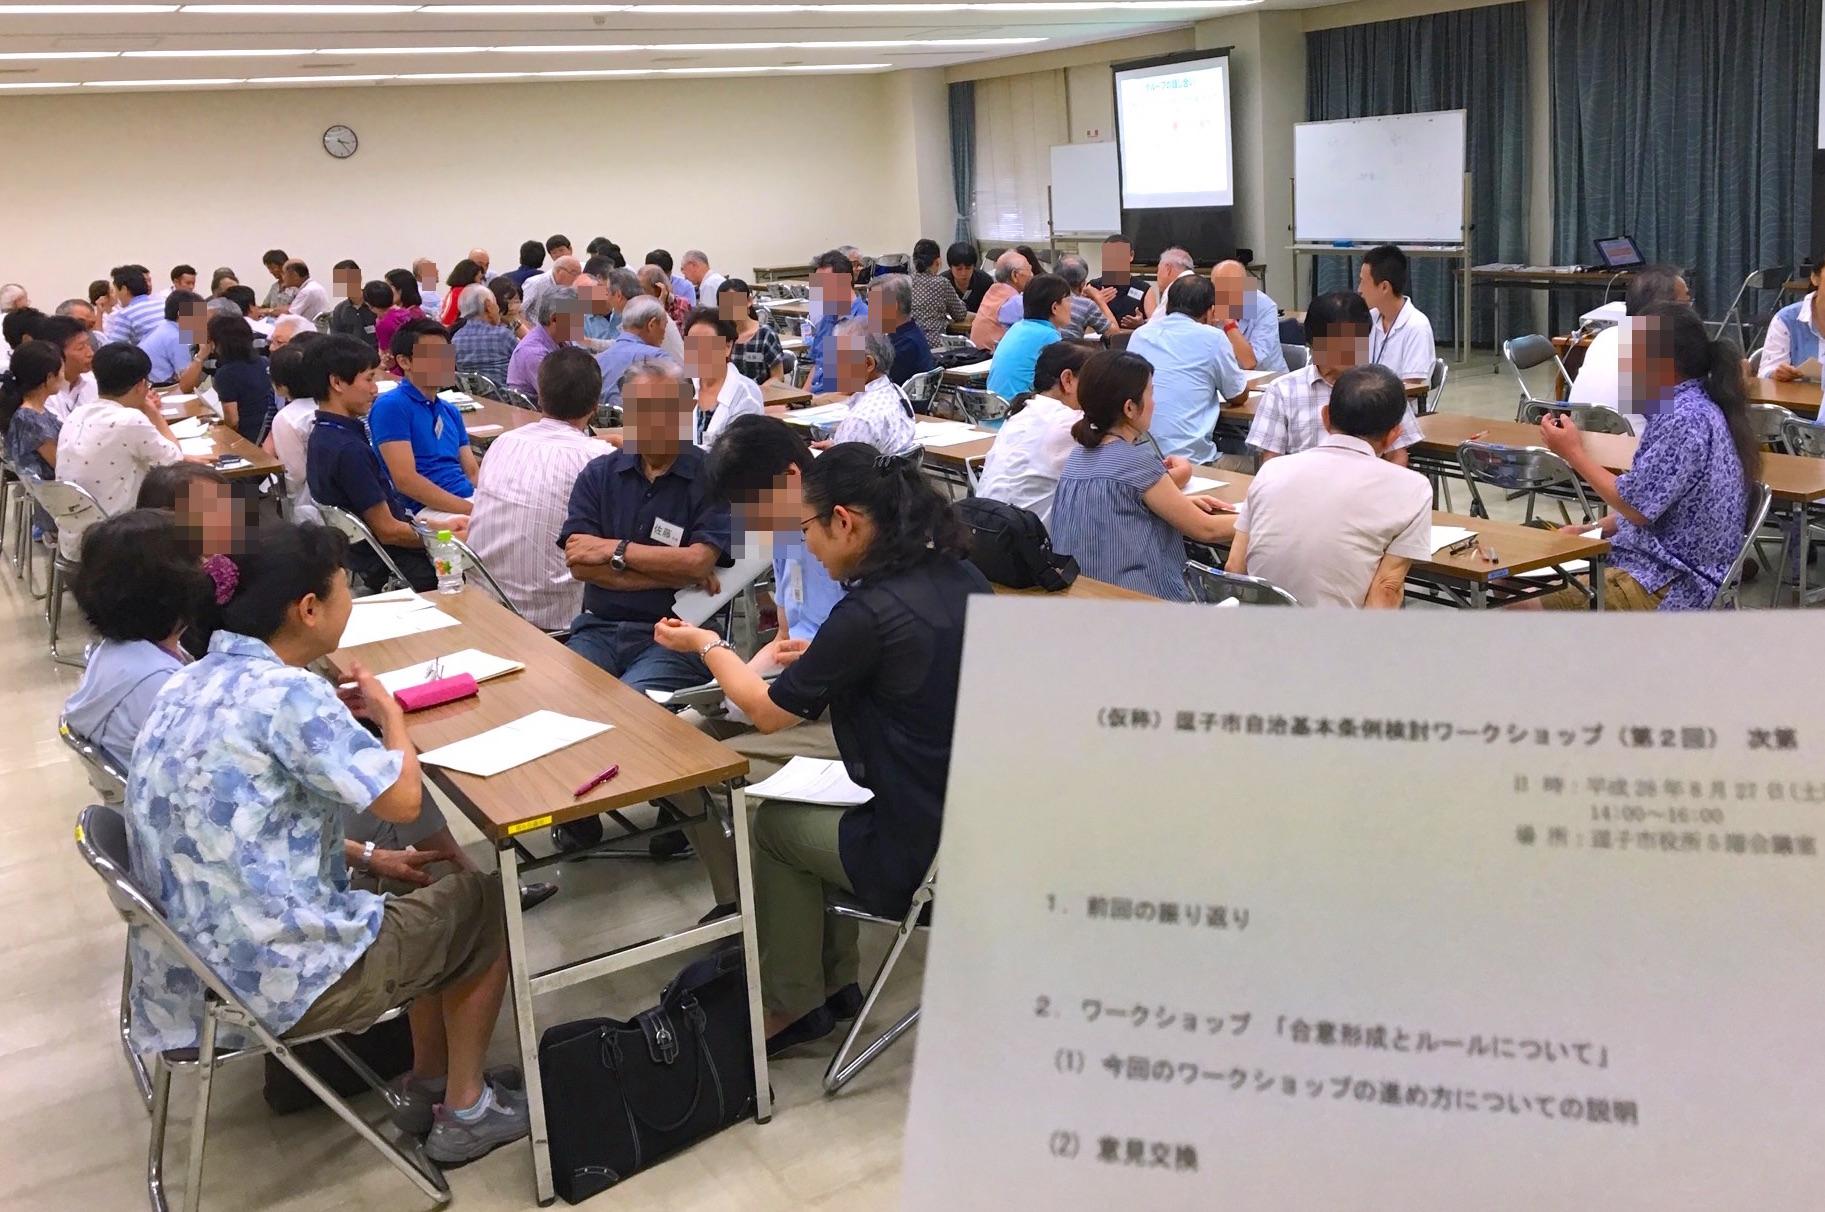 逗子市自治基本条例検討ワークショップ第2回「合意形成とルール」をなんとか乗り切る